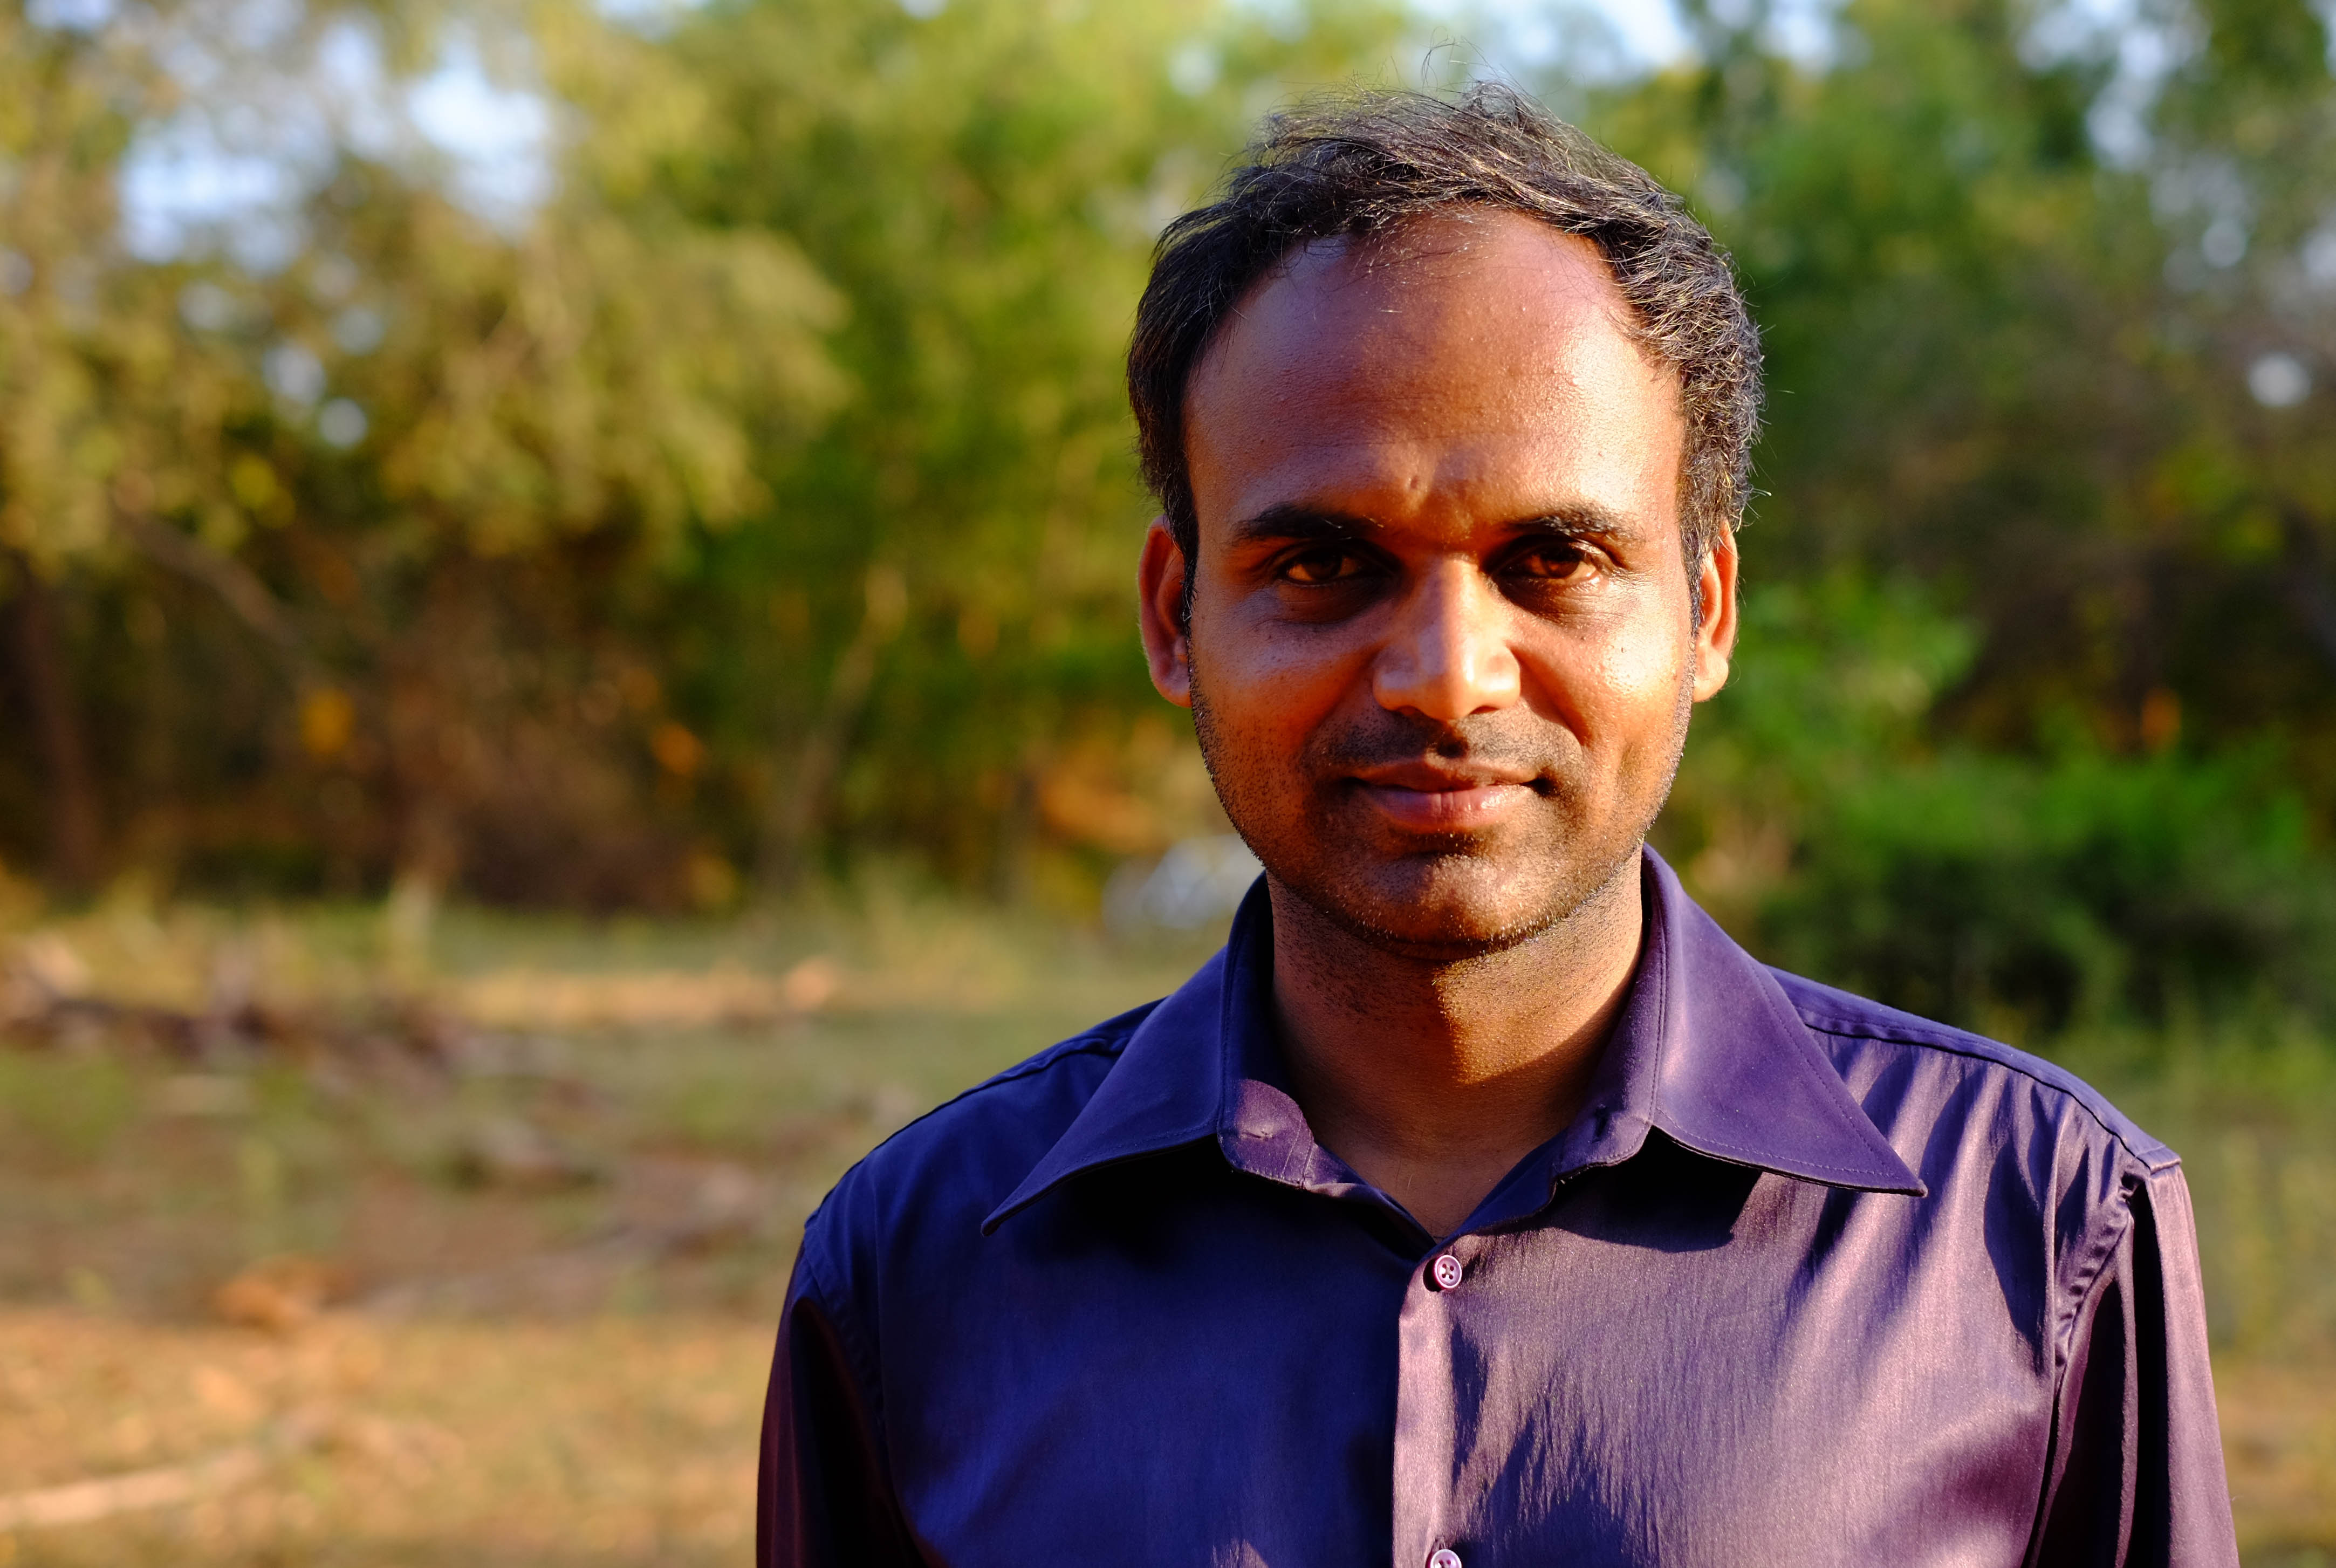 Photographie de Prakash, un indien rencontré à Pondichéry